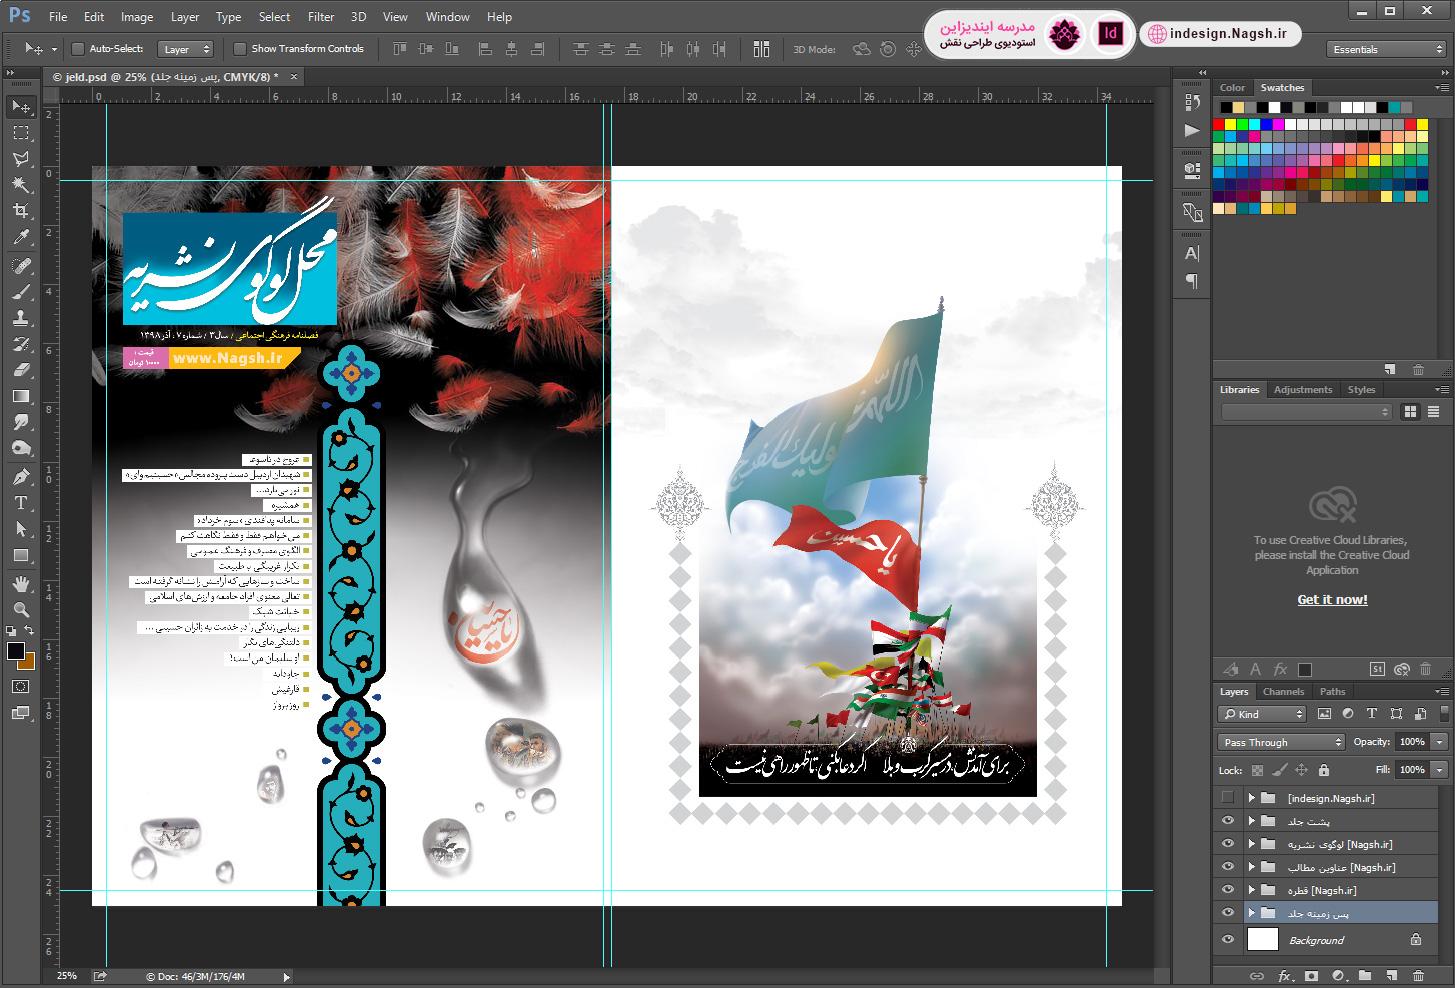 دانلود فایل لایه باز طرح جلد نشریه محرم تا اربعین حسینی